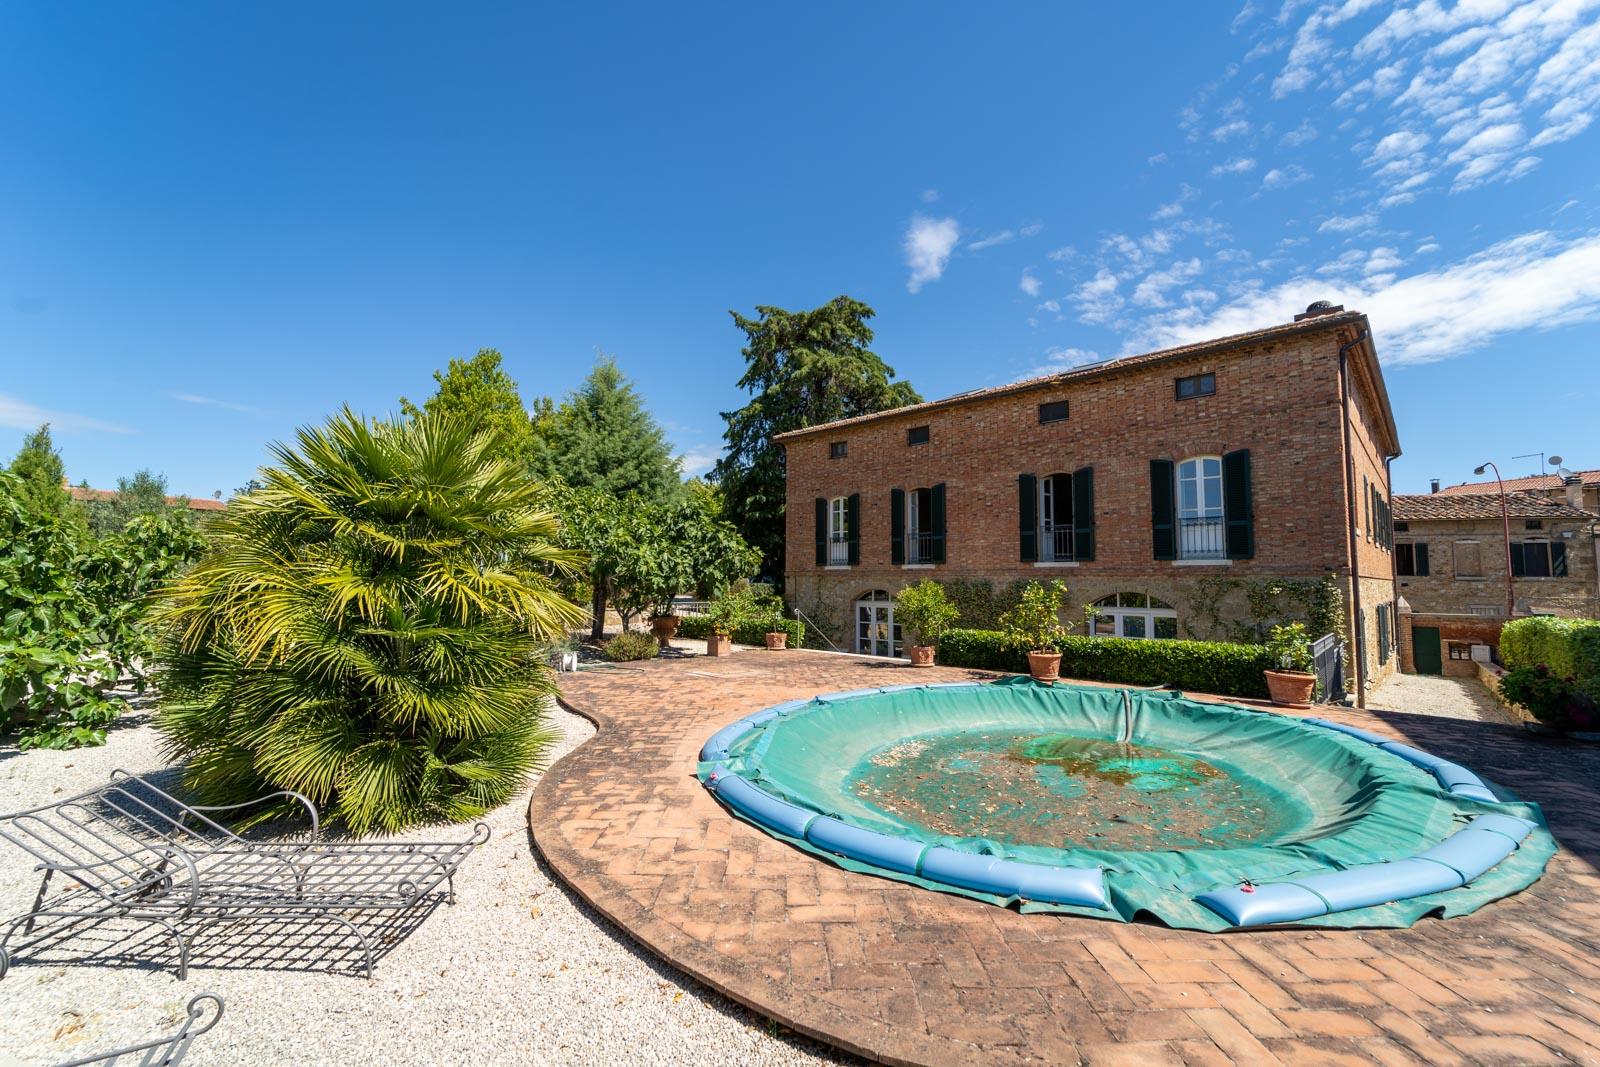 Villa mit Nebenhaus, Olivenhain, Pool und herrlichem Weitblick am Ortsrand eines malerischen Dorfes